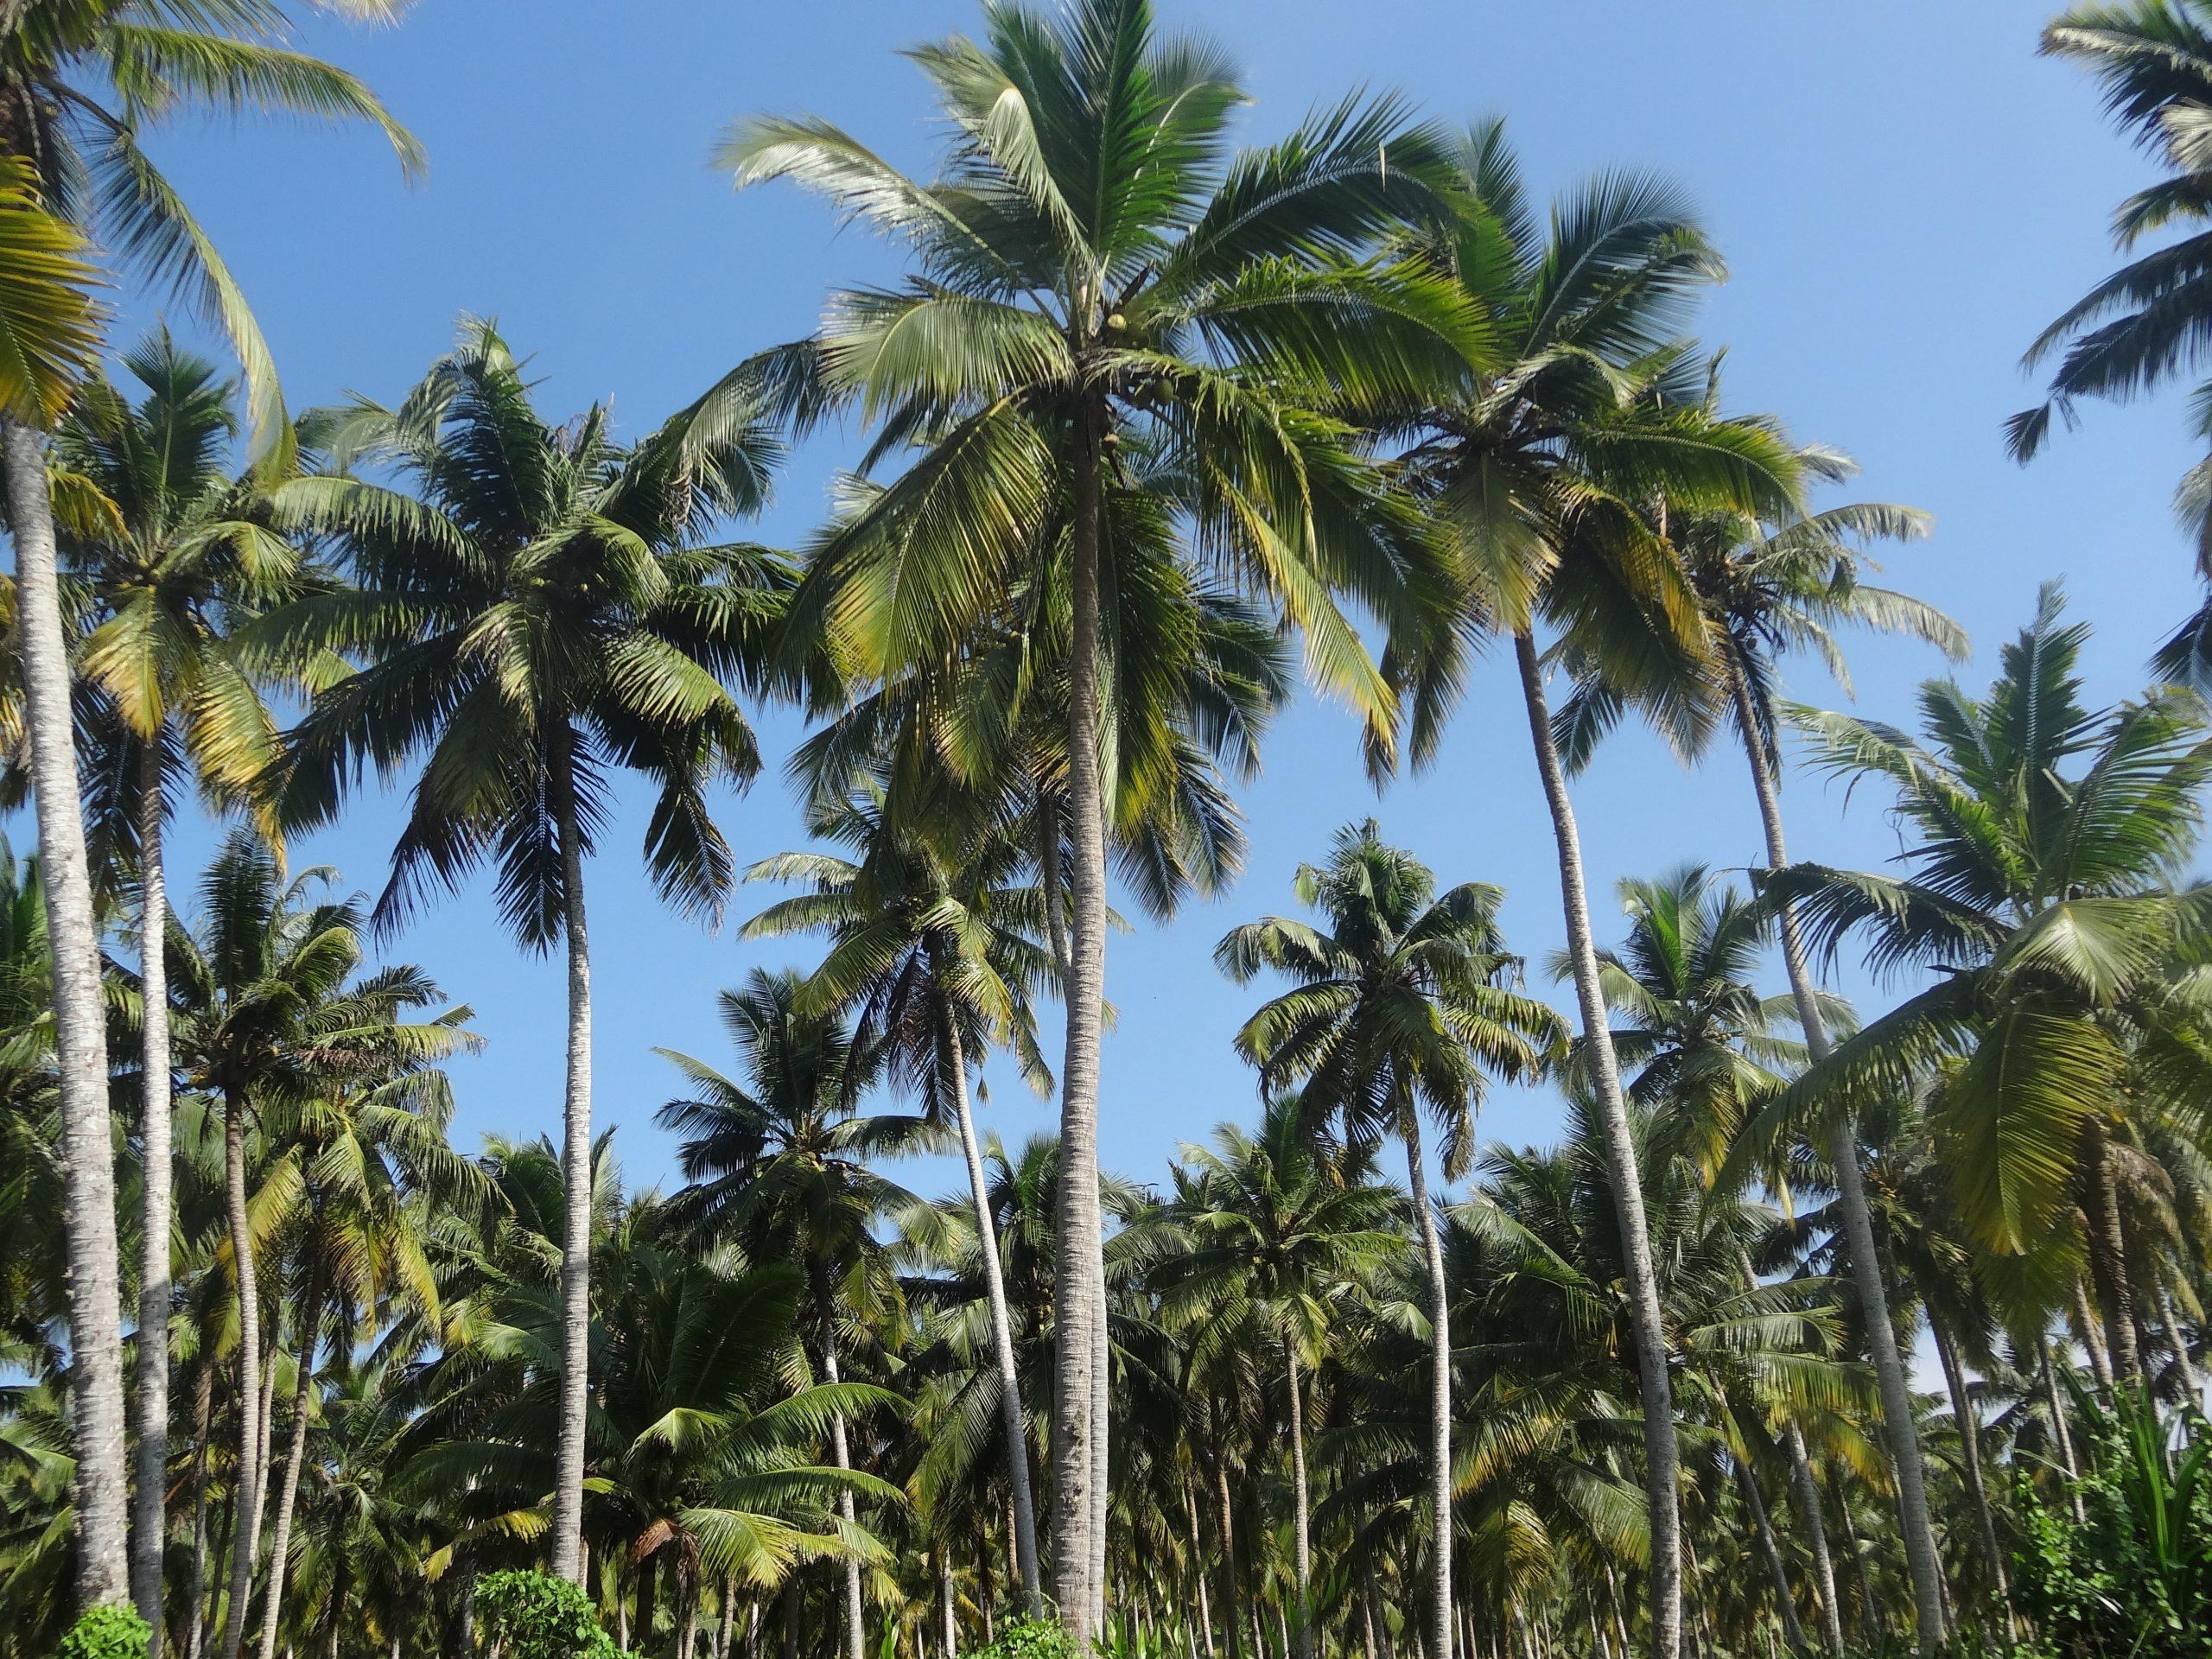 Los cocoteros son palmeras difíciles de cultivar en España